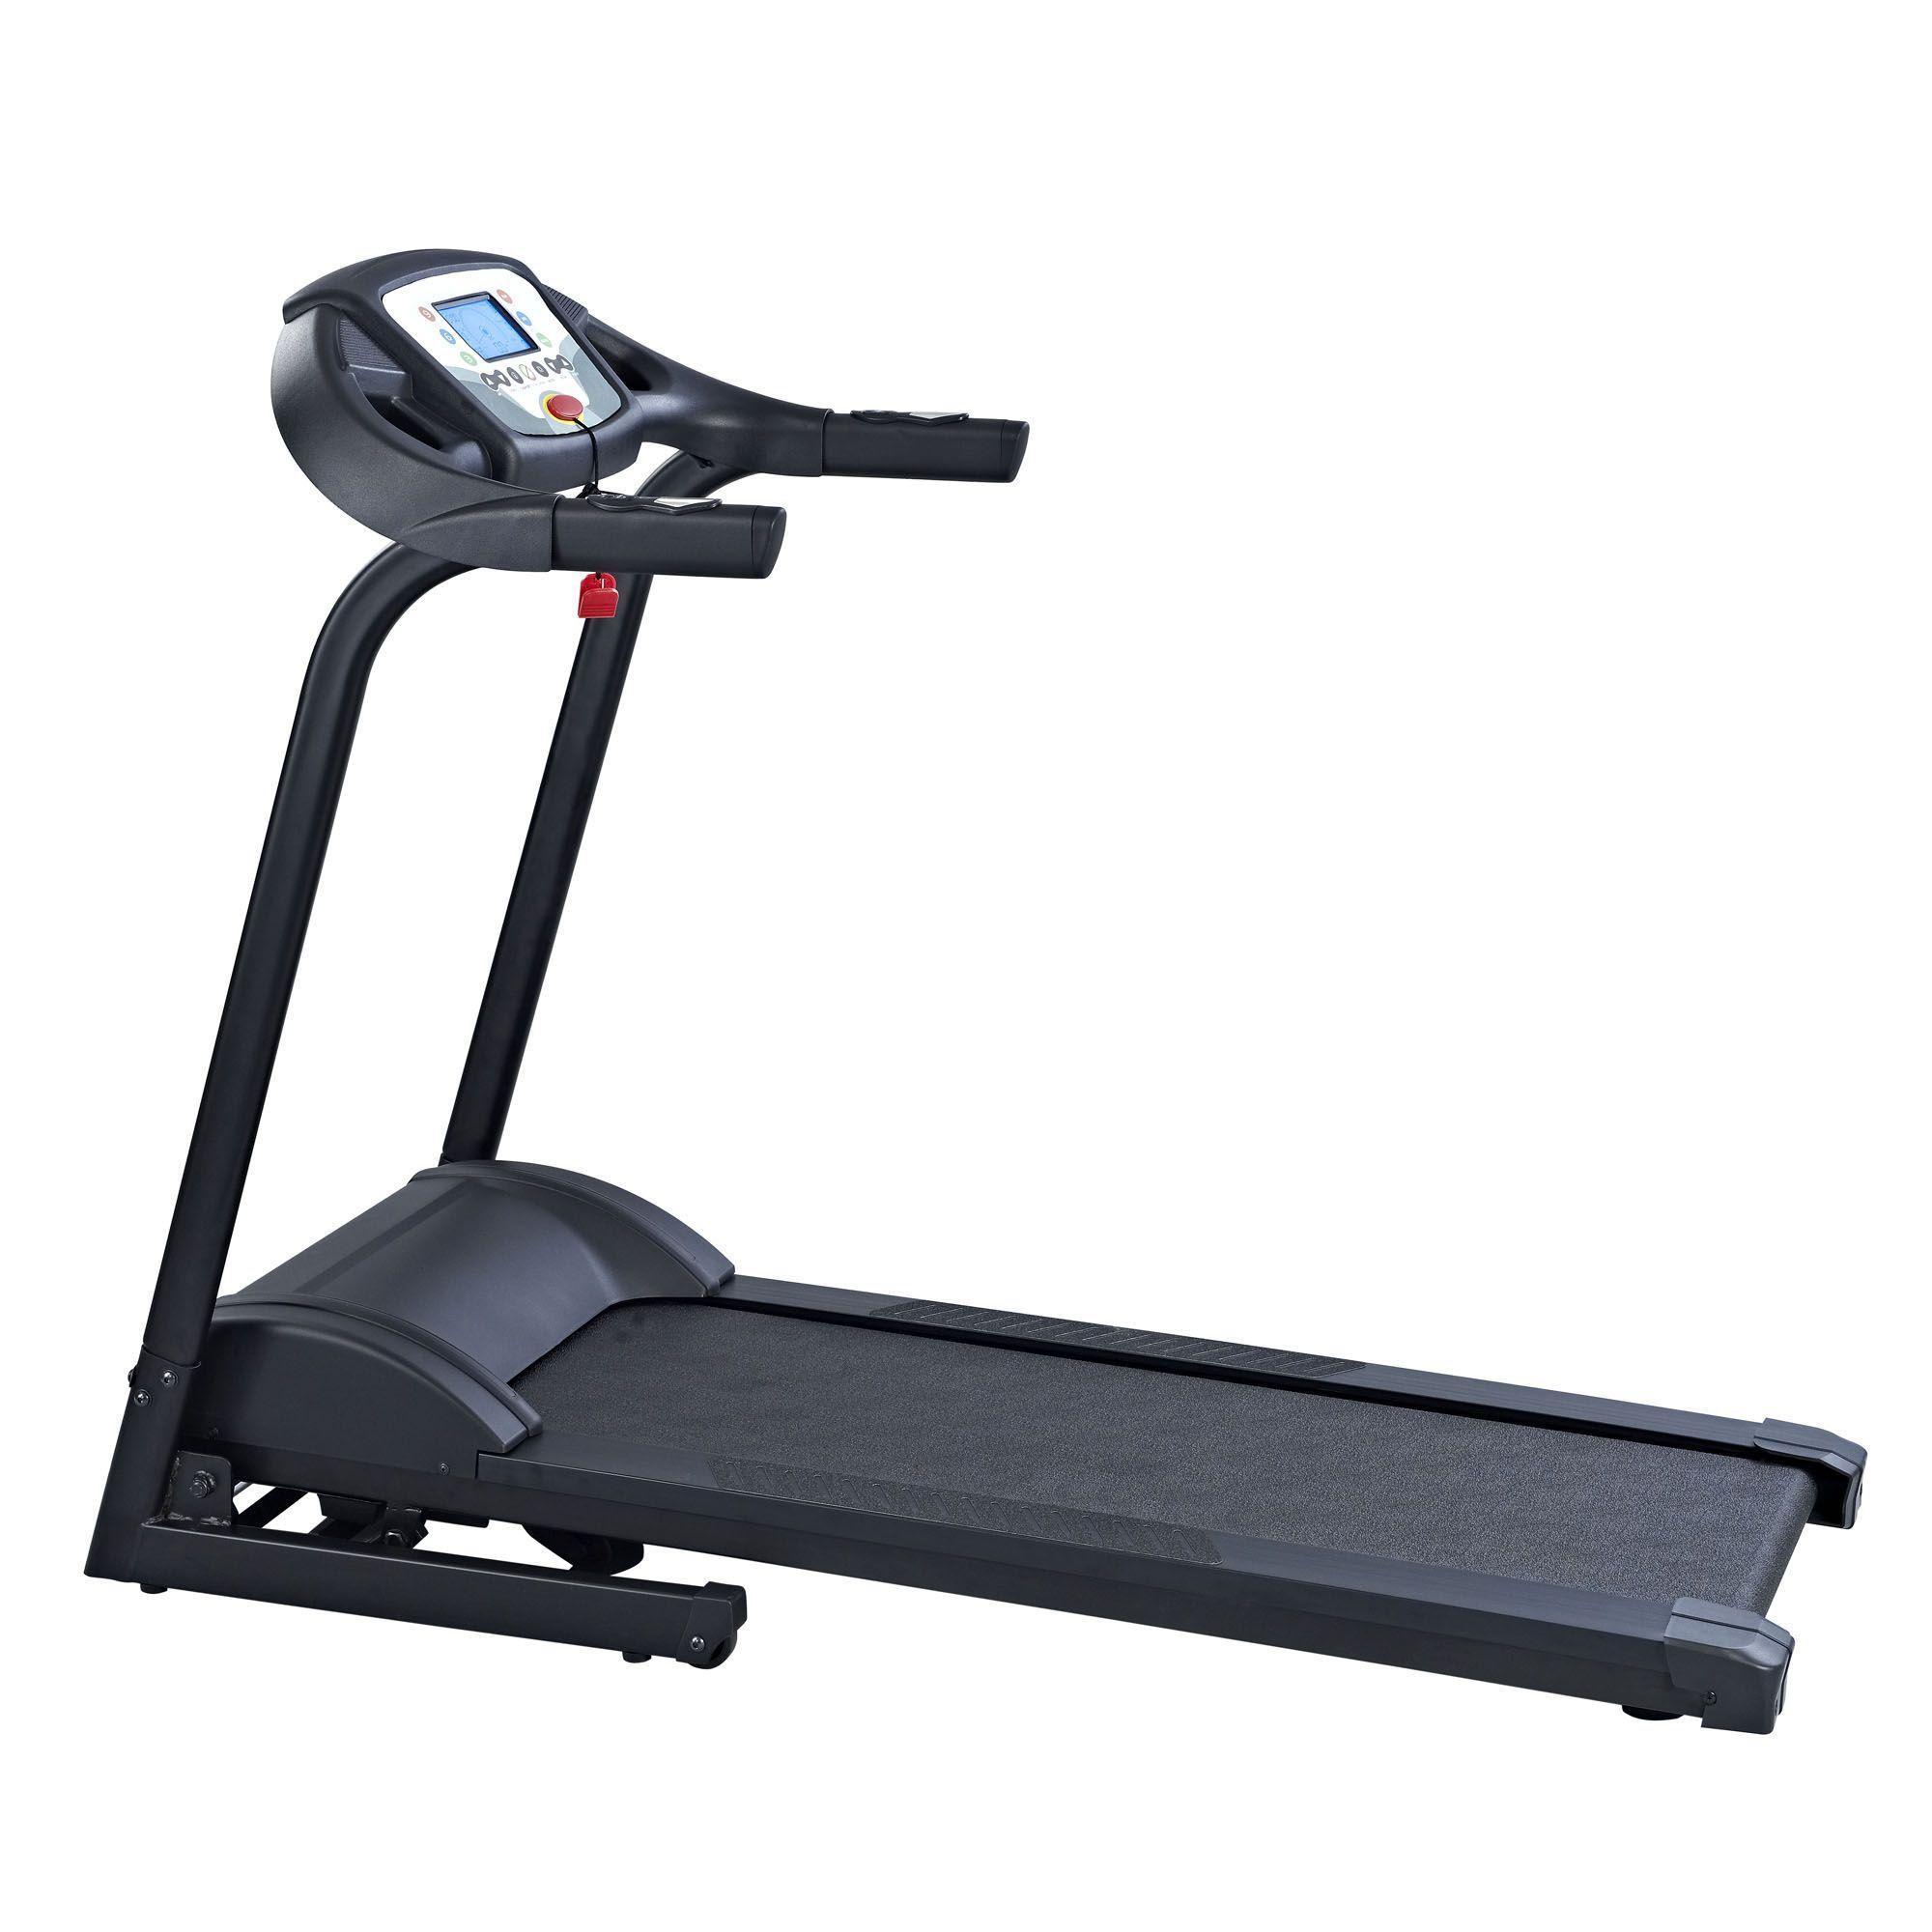 Elliptical Bike Or Treadmill: Fuel Fitness 3.0 Treadmill